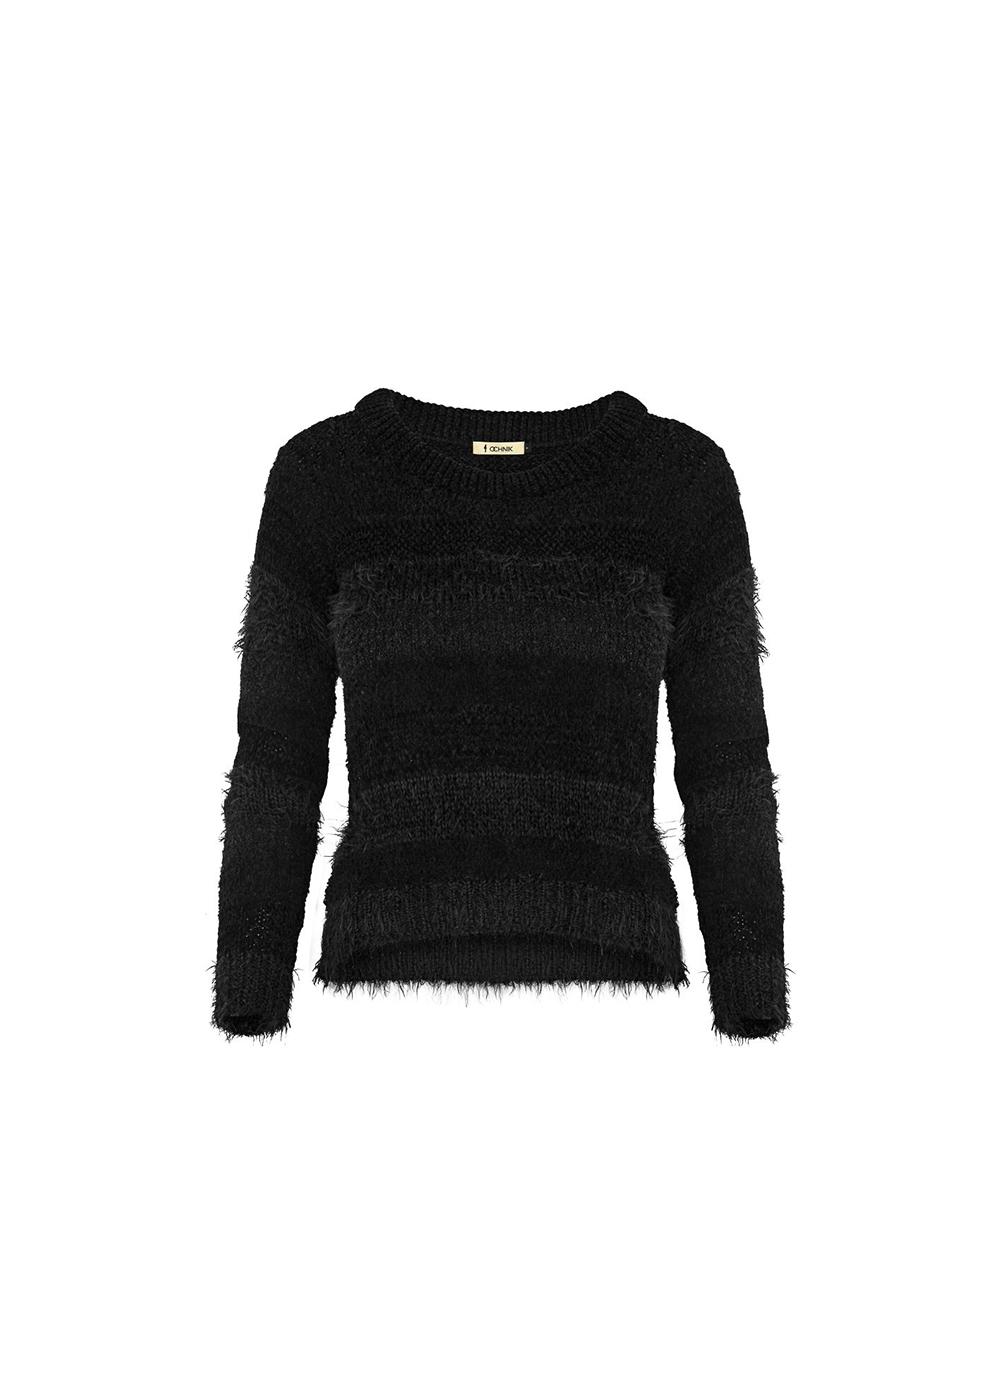 Sweter damski SWEDT-0064-99(Z18)